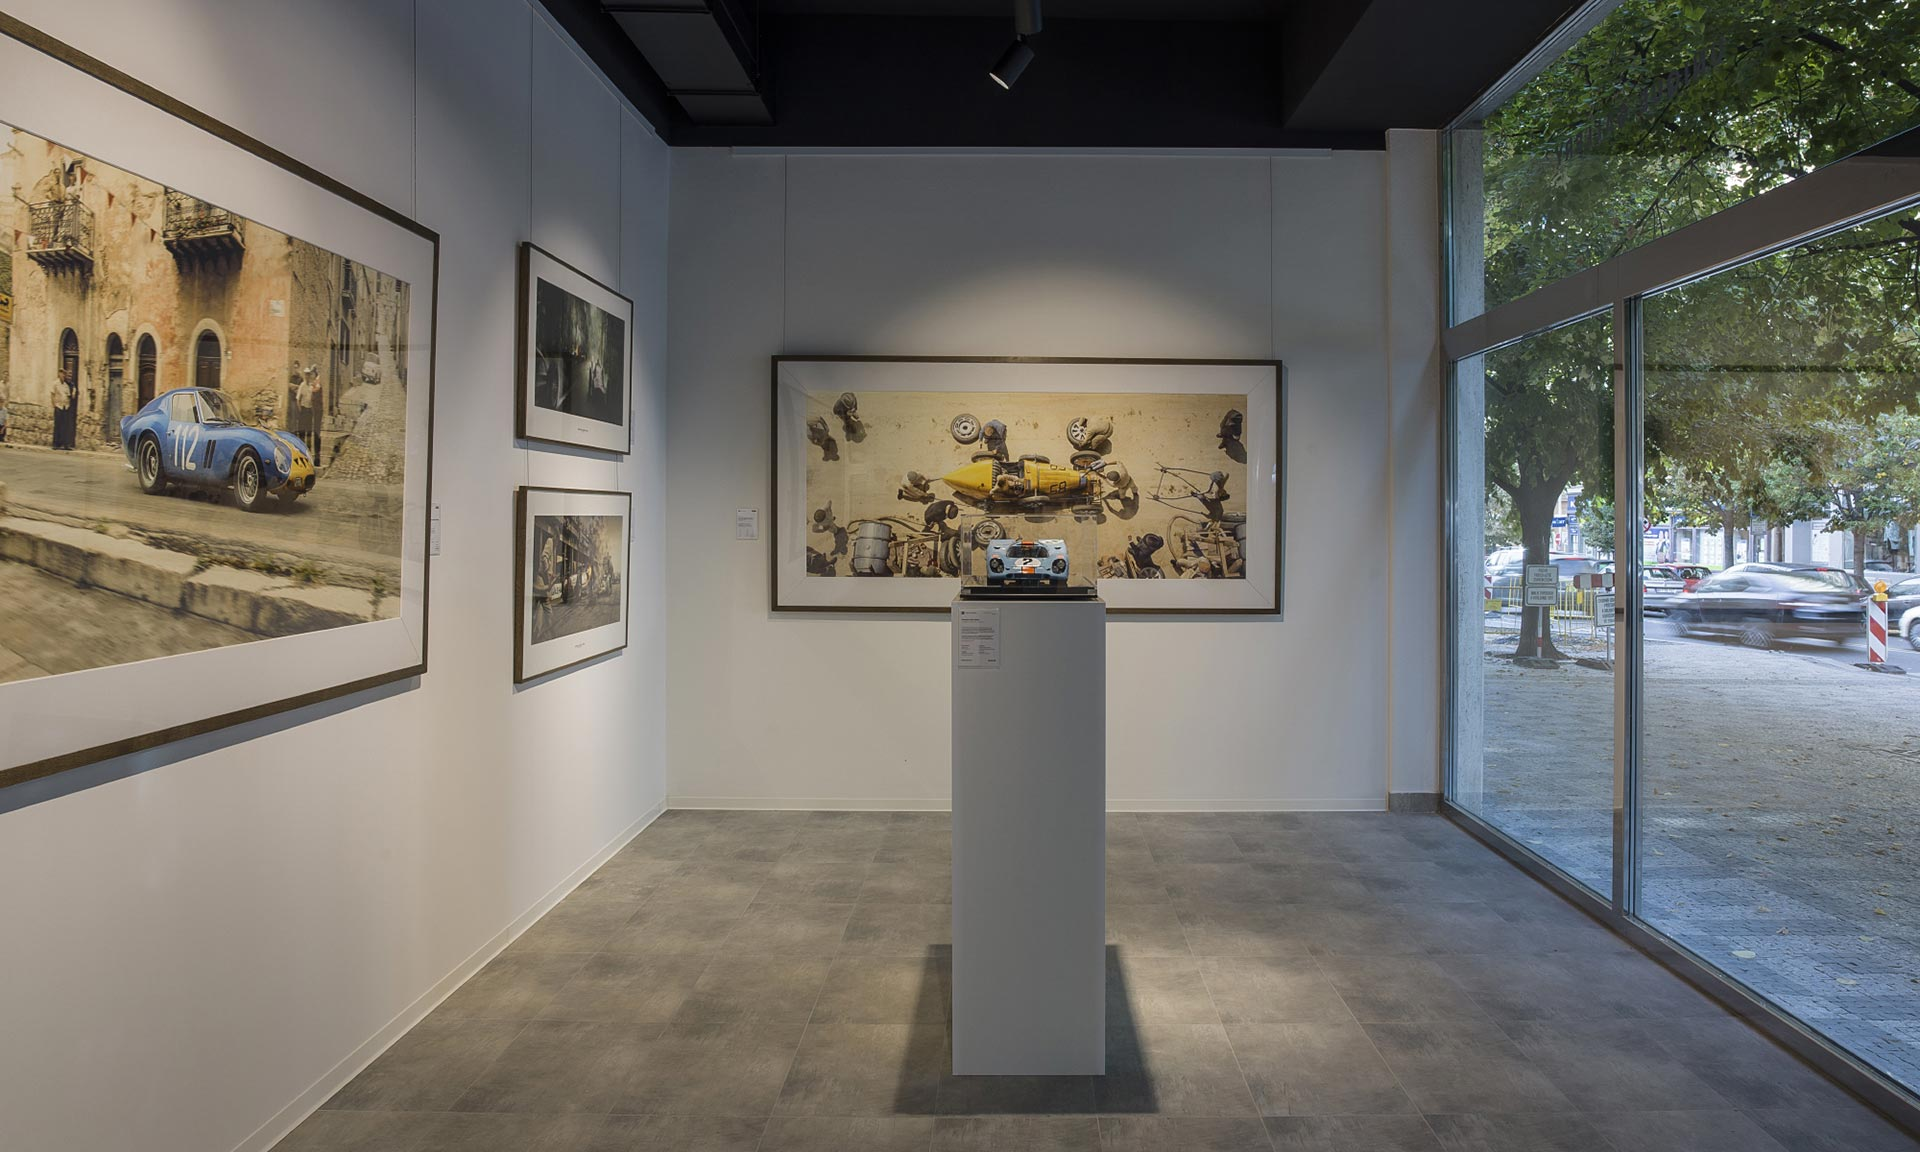 Galerie v praze fotografie 61